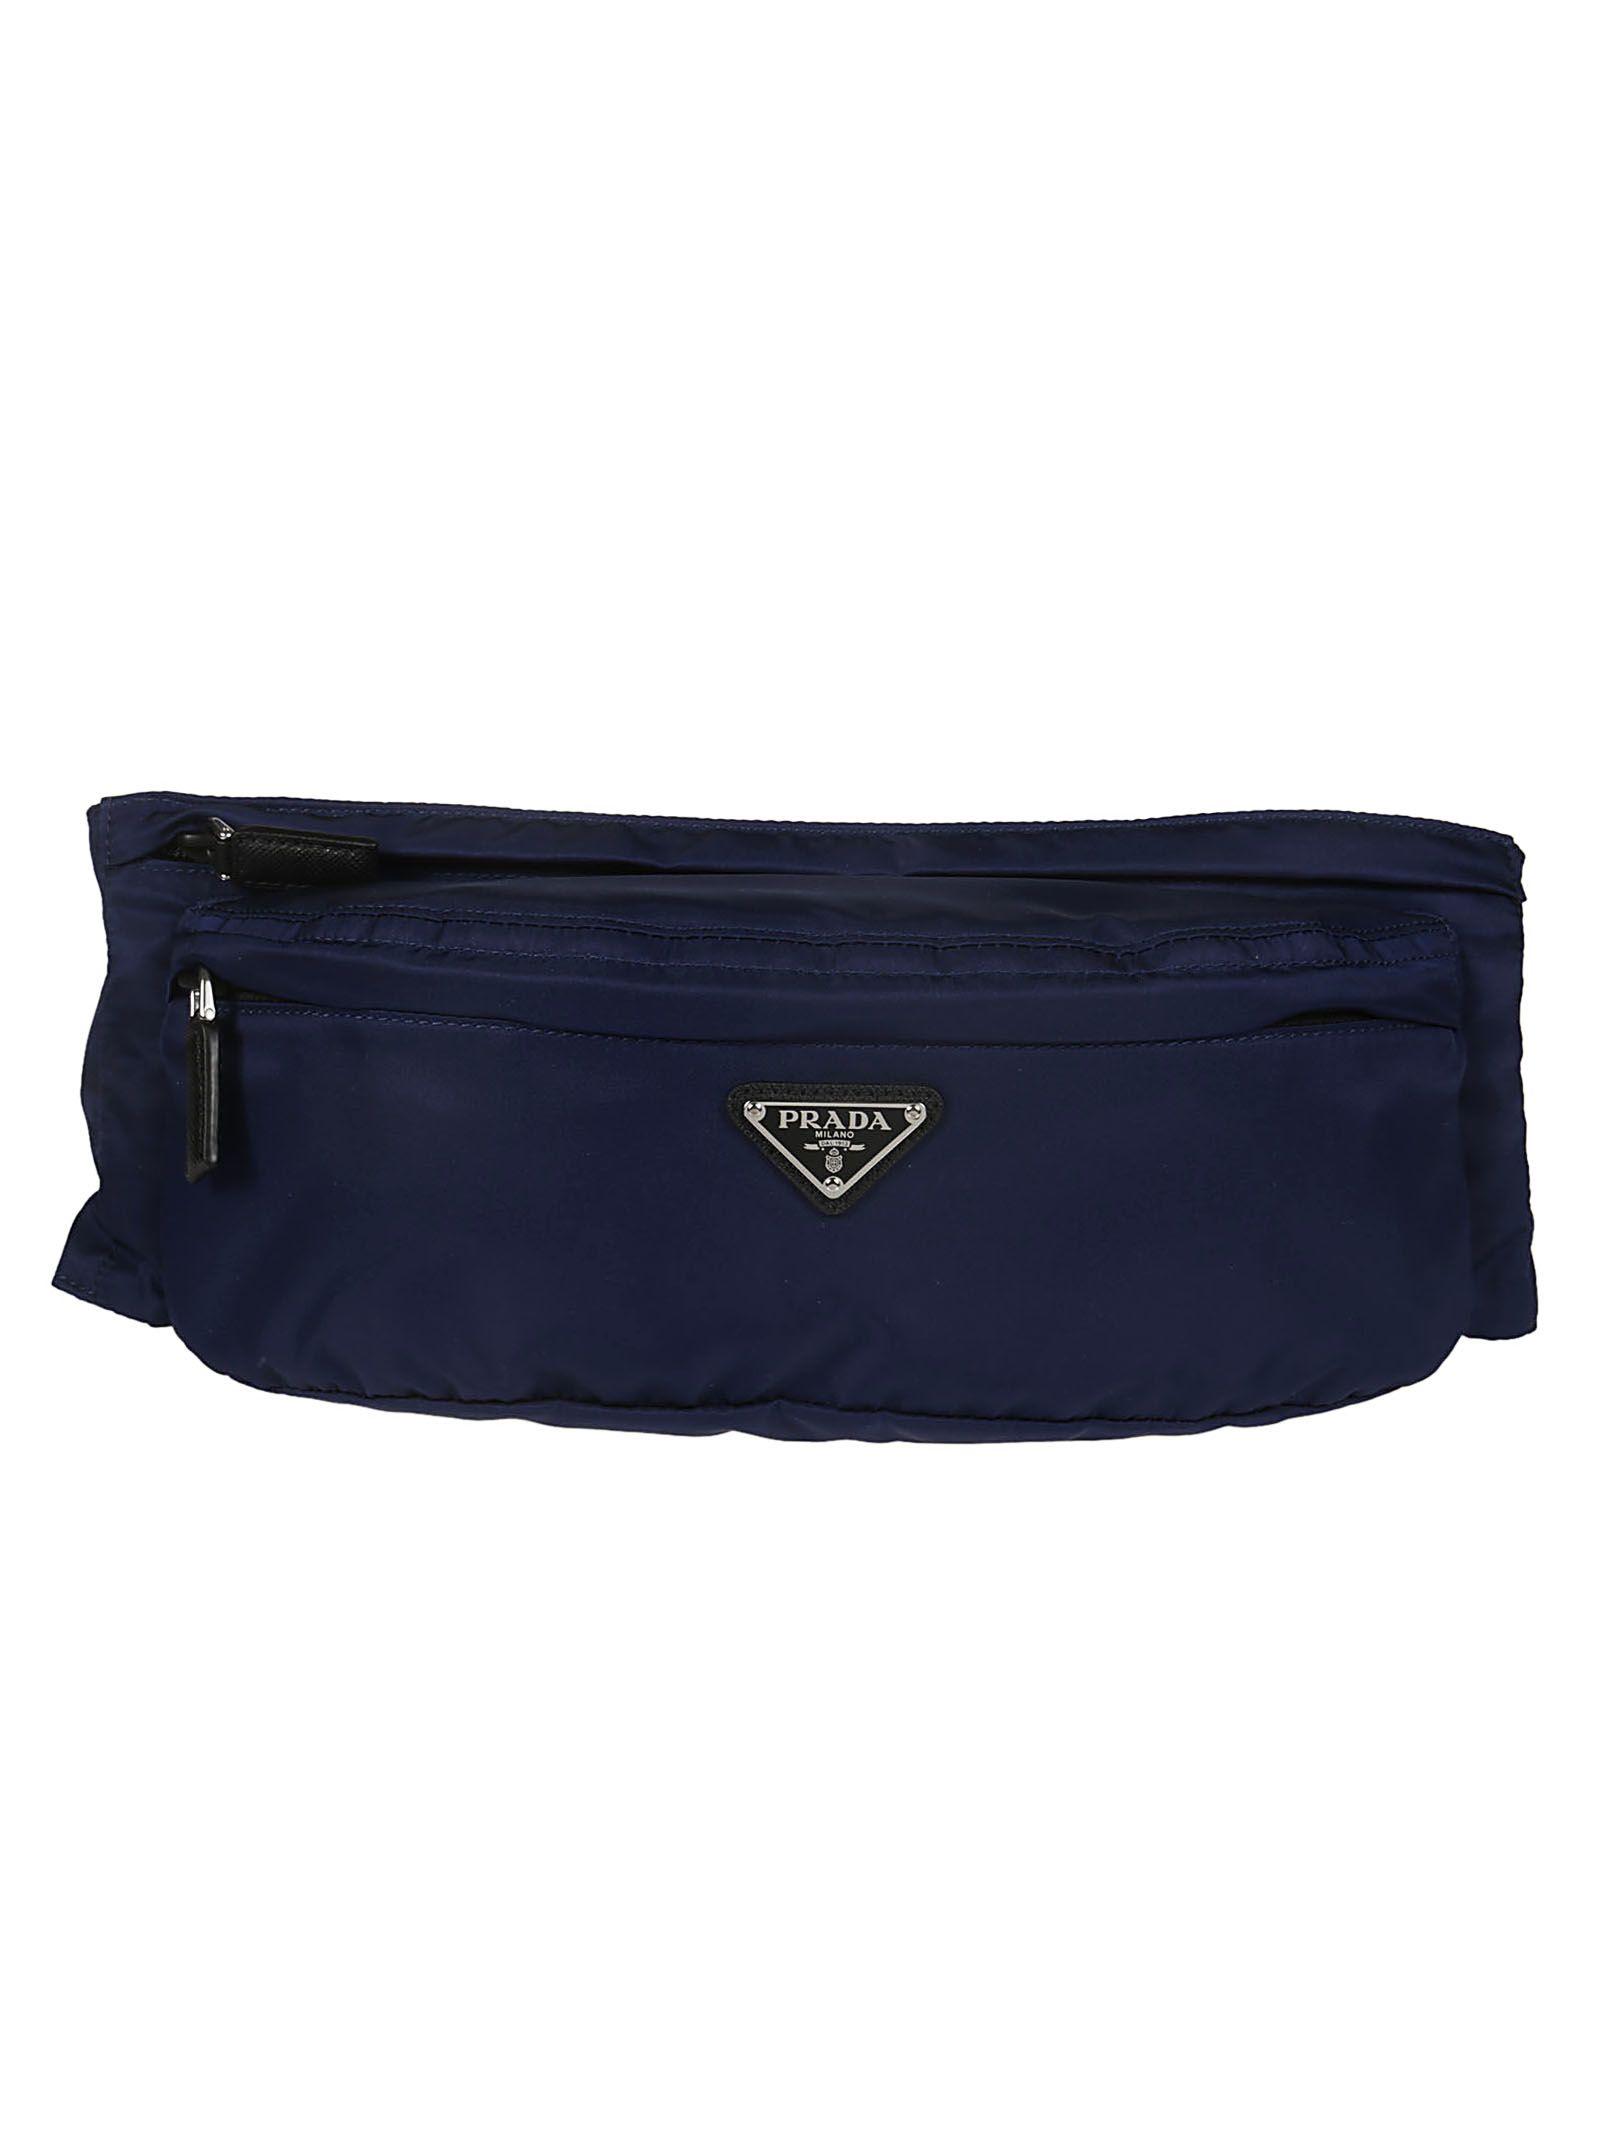 7840c1a6e354 Prada Prada Logo Plaque Belt Bag - Blue - 10831179